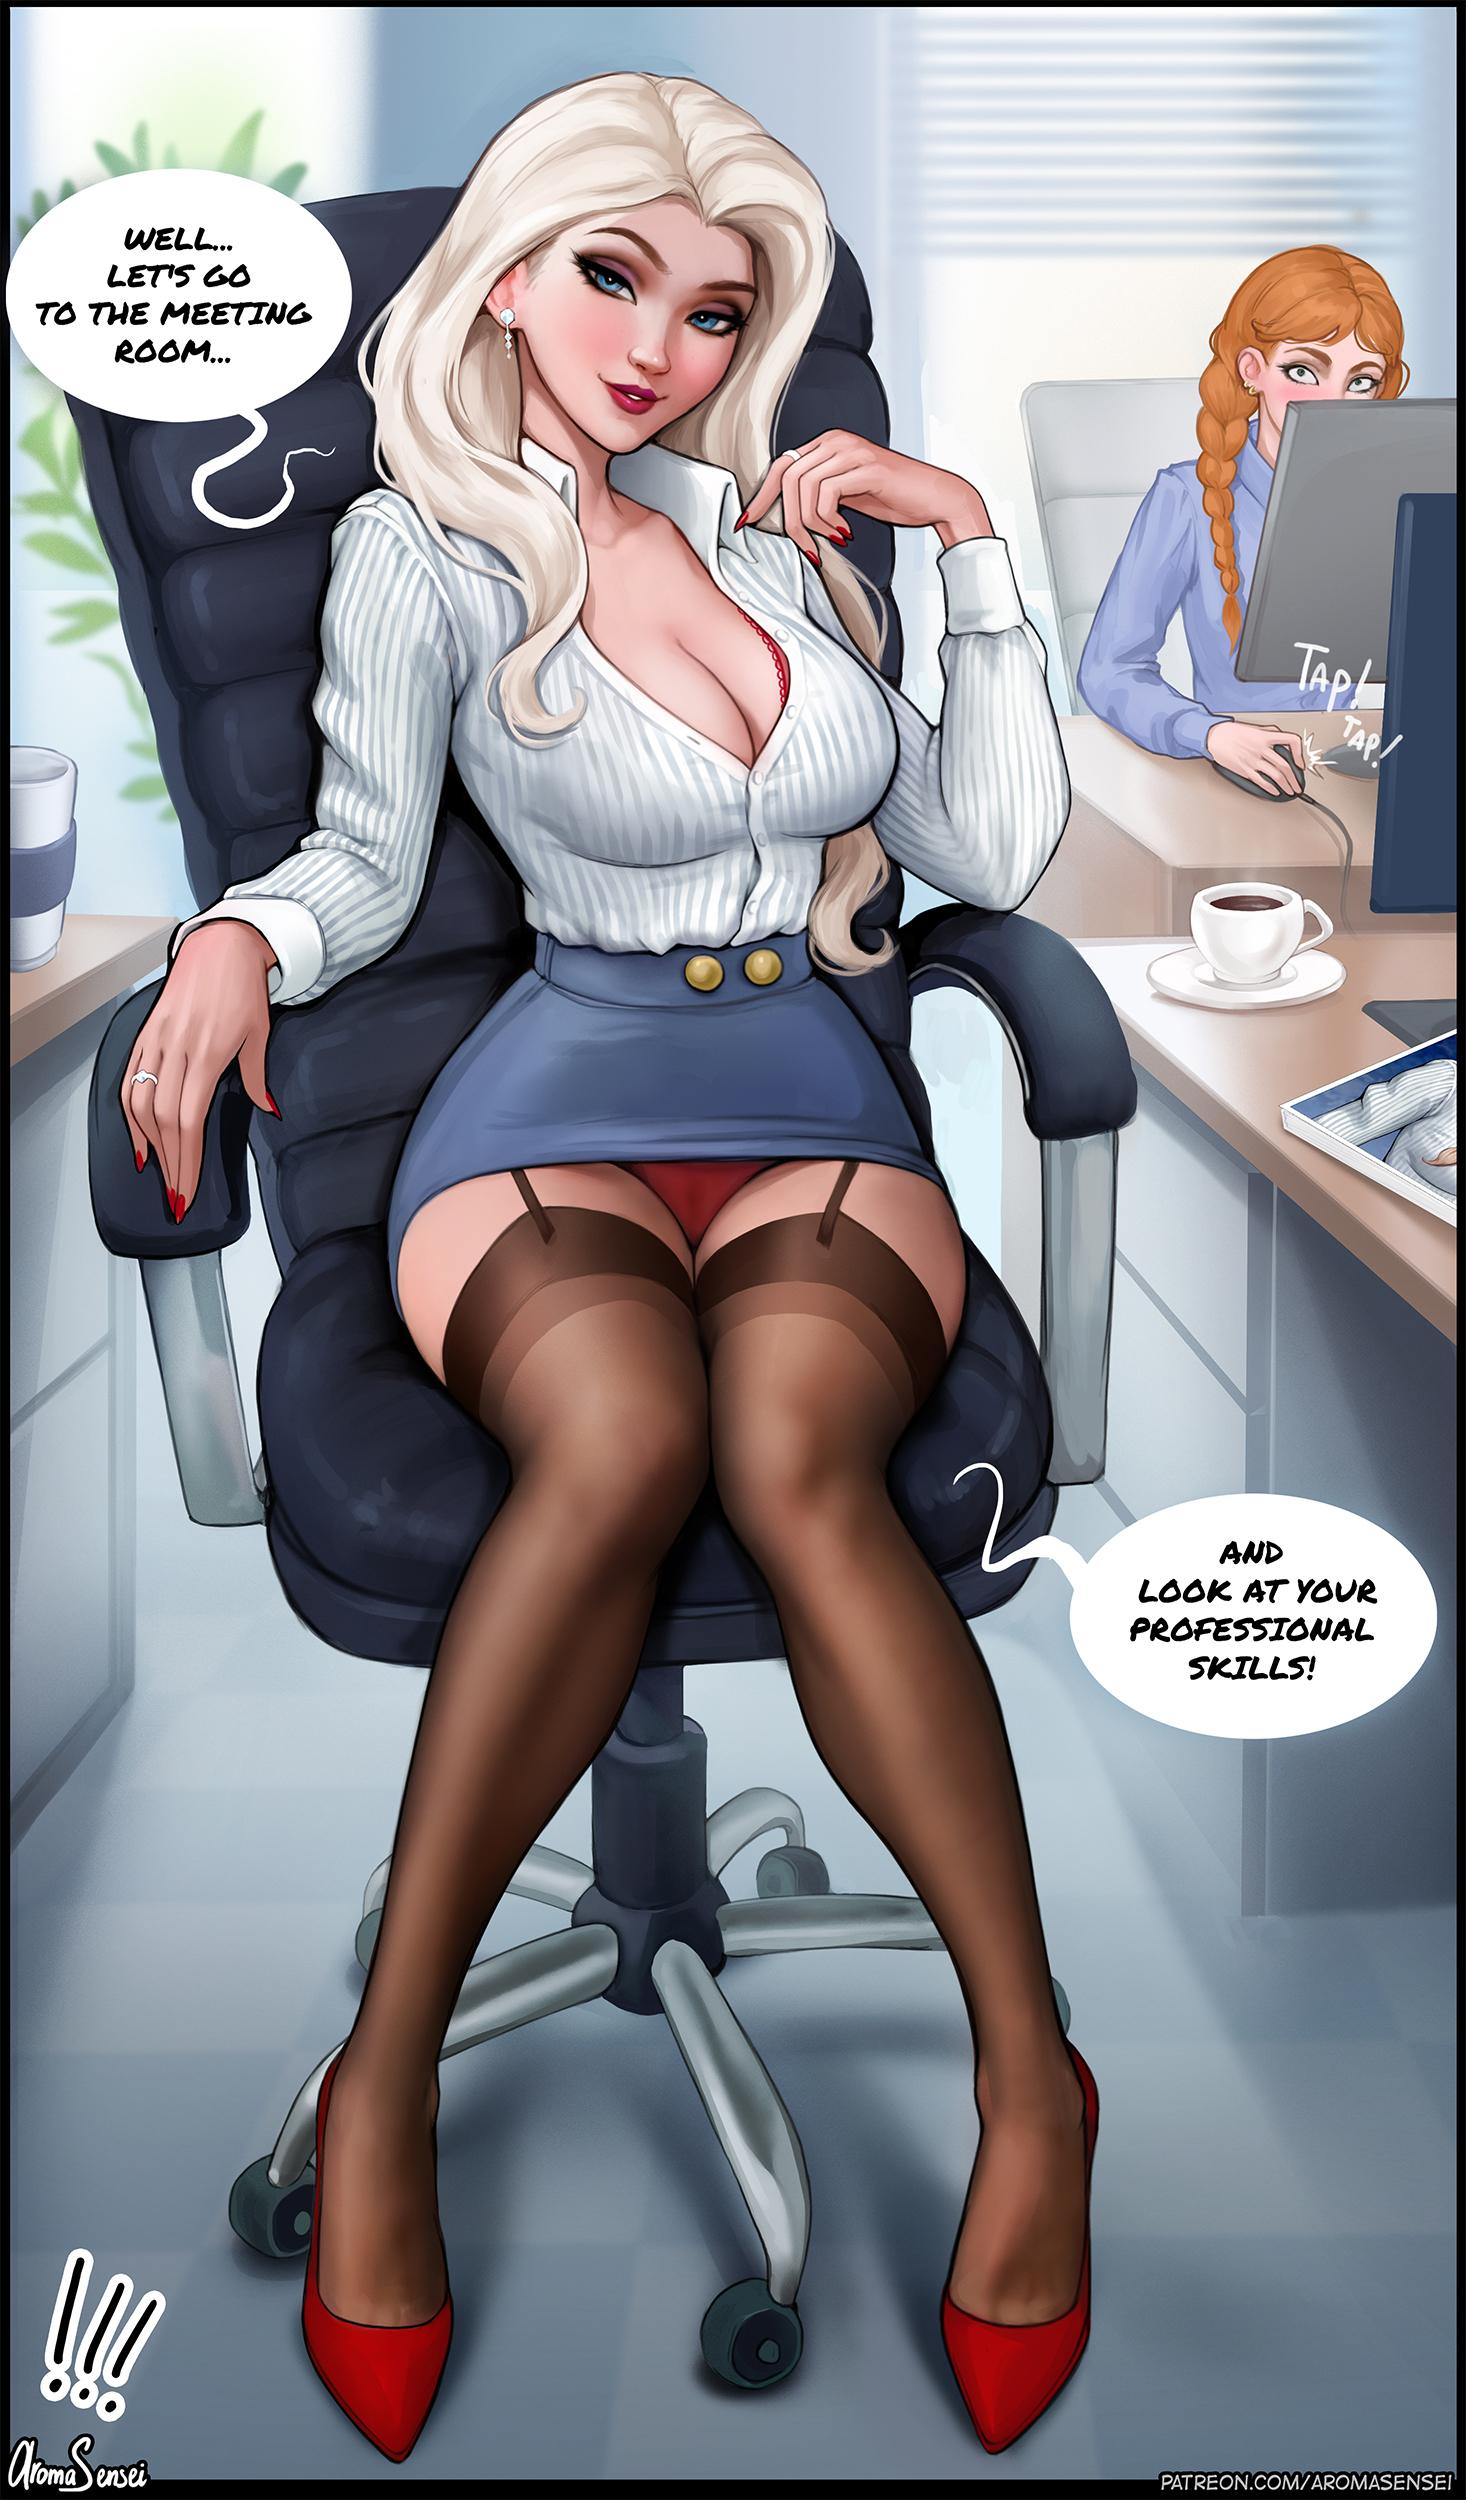 Job interview!❄️